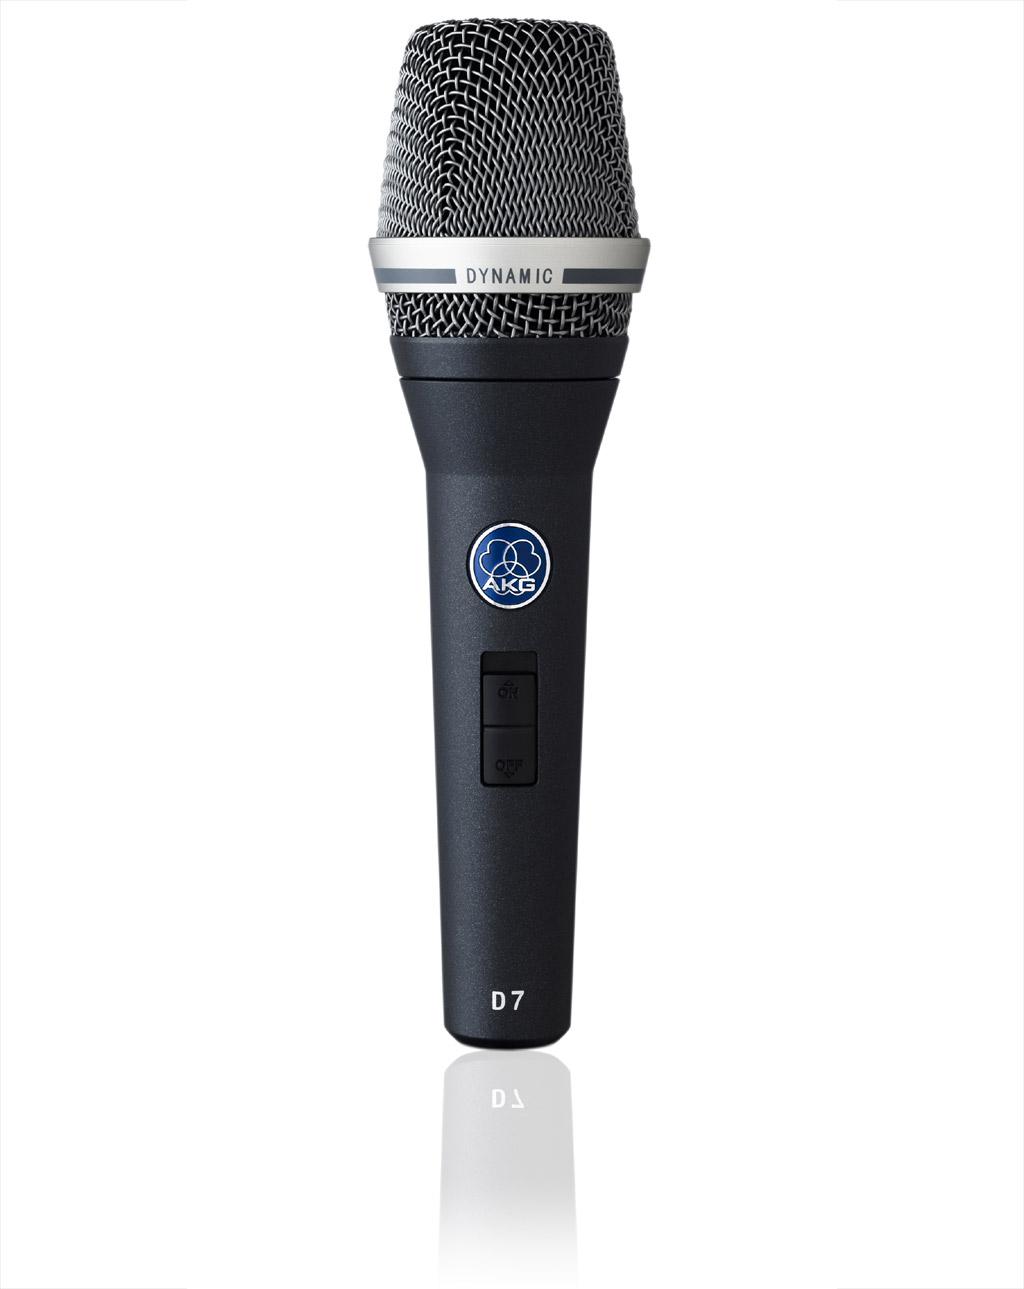 Powieksz do pelnego rozmiaru AKG D 7 S, D7 S, D-7 S, D 7-S, D7-S, D-7-S, D 7S, D7S, D-7S, mikrofon ręczny, mikrofon przewodowy, mikrofon dynamiczny, mikrofon superkardioidalny, mikrofon kierunkowy, mikrofon wokalowy, mikrofon estradowy, mikrofon studyjny, mikrofon referencyjny